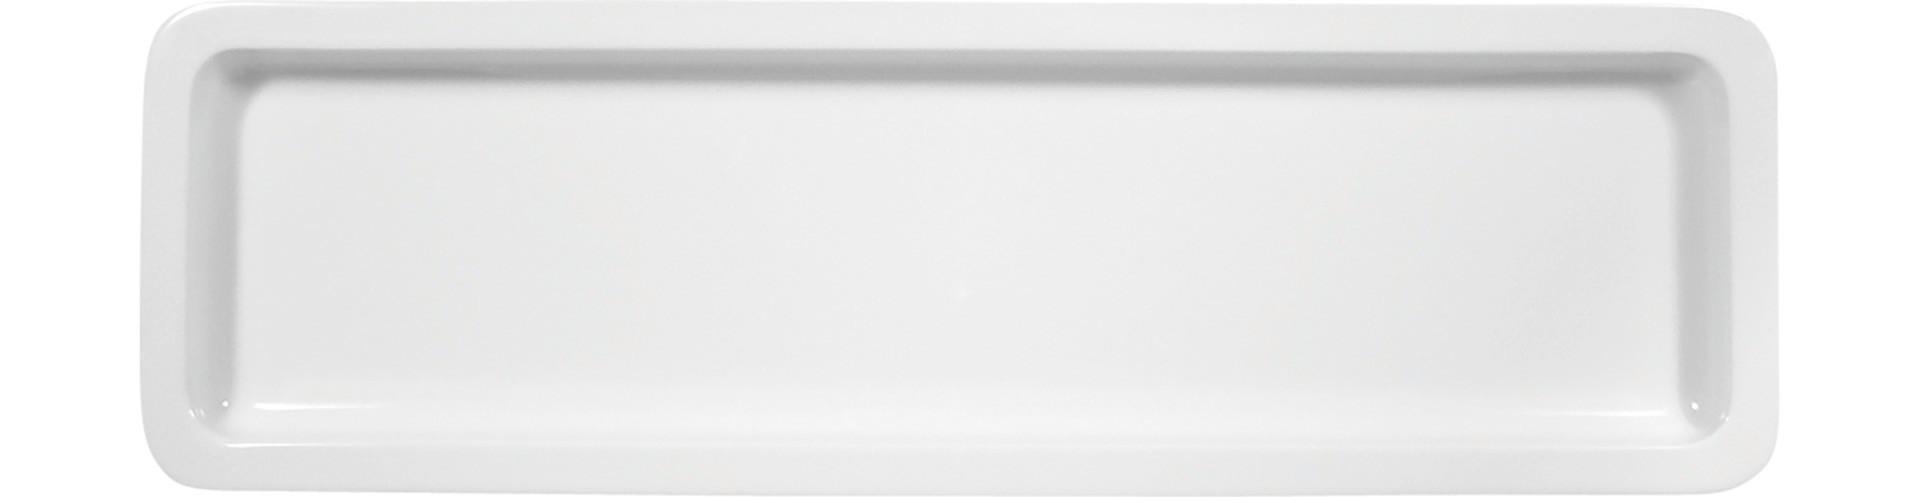 Buffet Gourmet, GN-Behälter GN 2/4 530 x 162 x 20 mm / 1,10 l